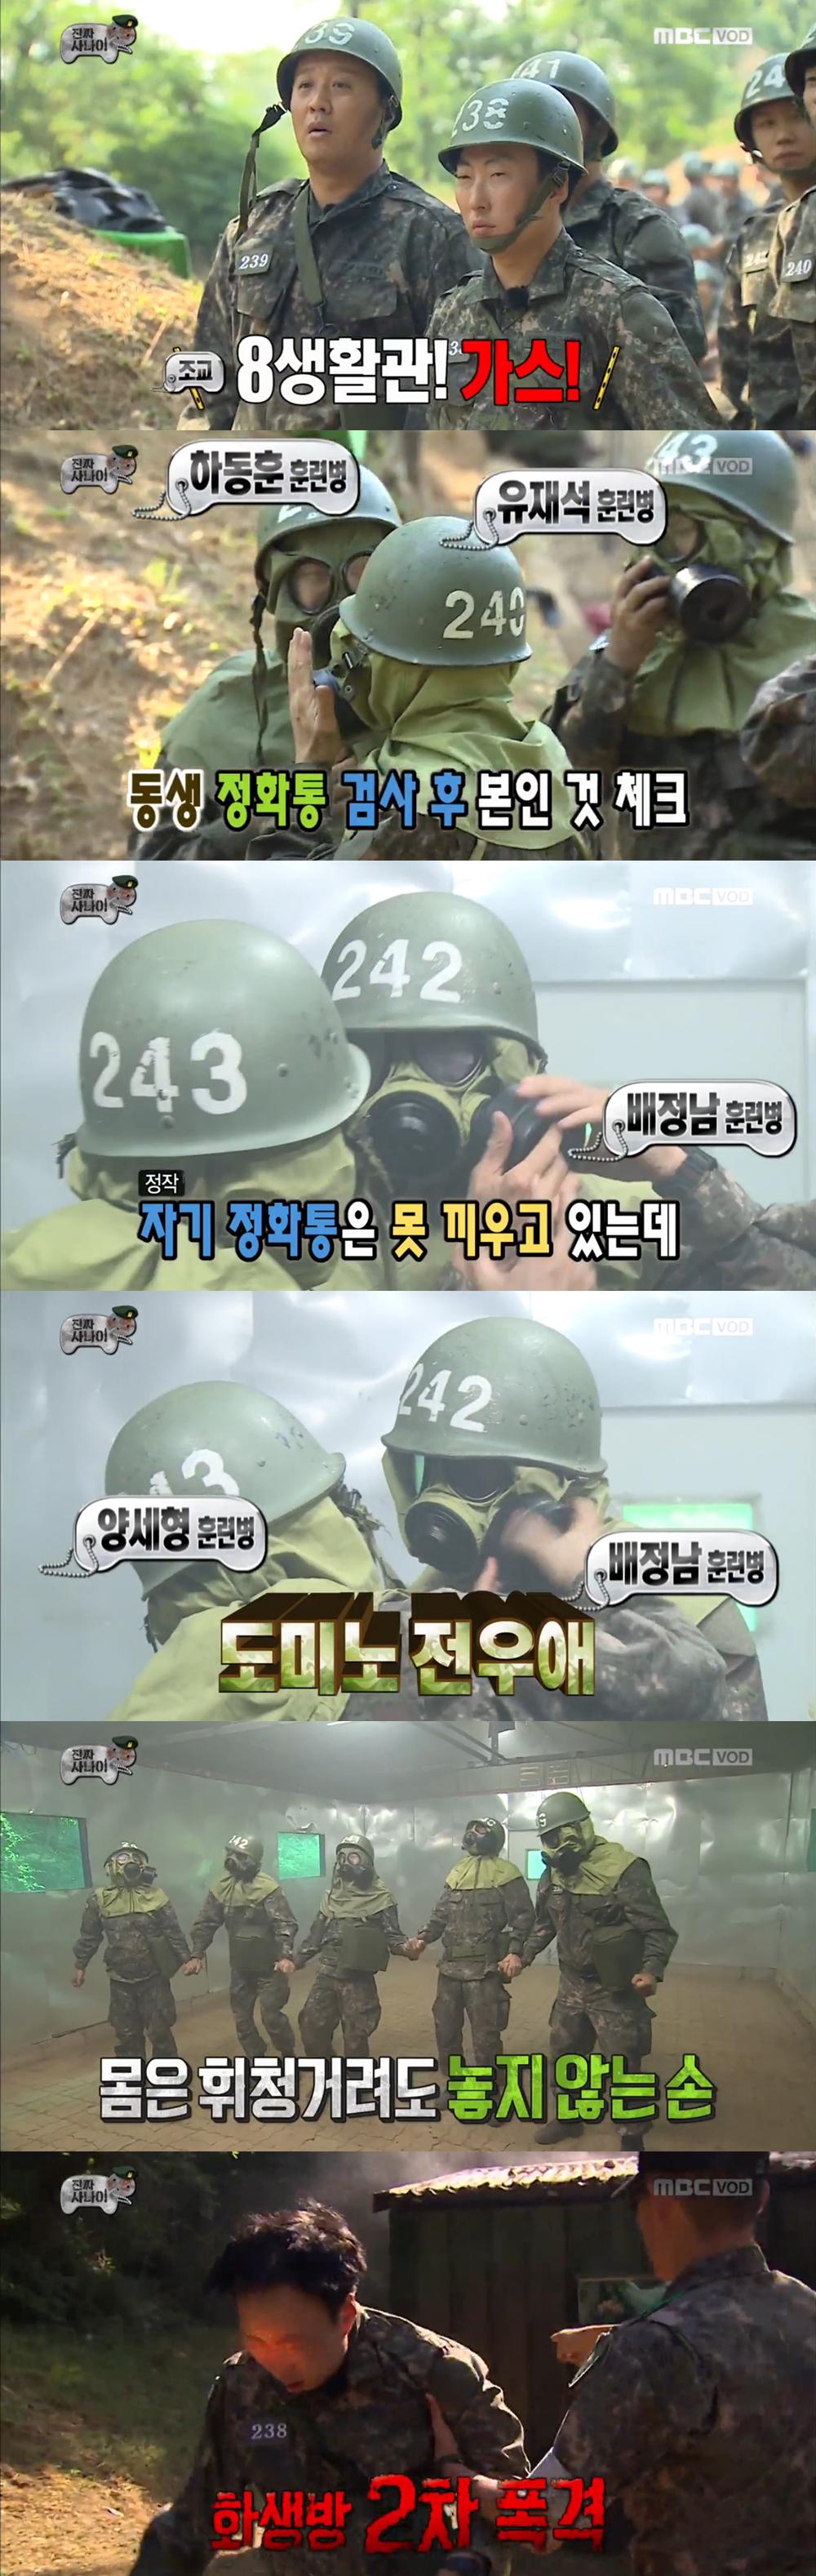 <무한도전> '진짜 사나이' 특집 최고시청률 20% 돌파! '2주 연속'